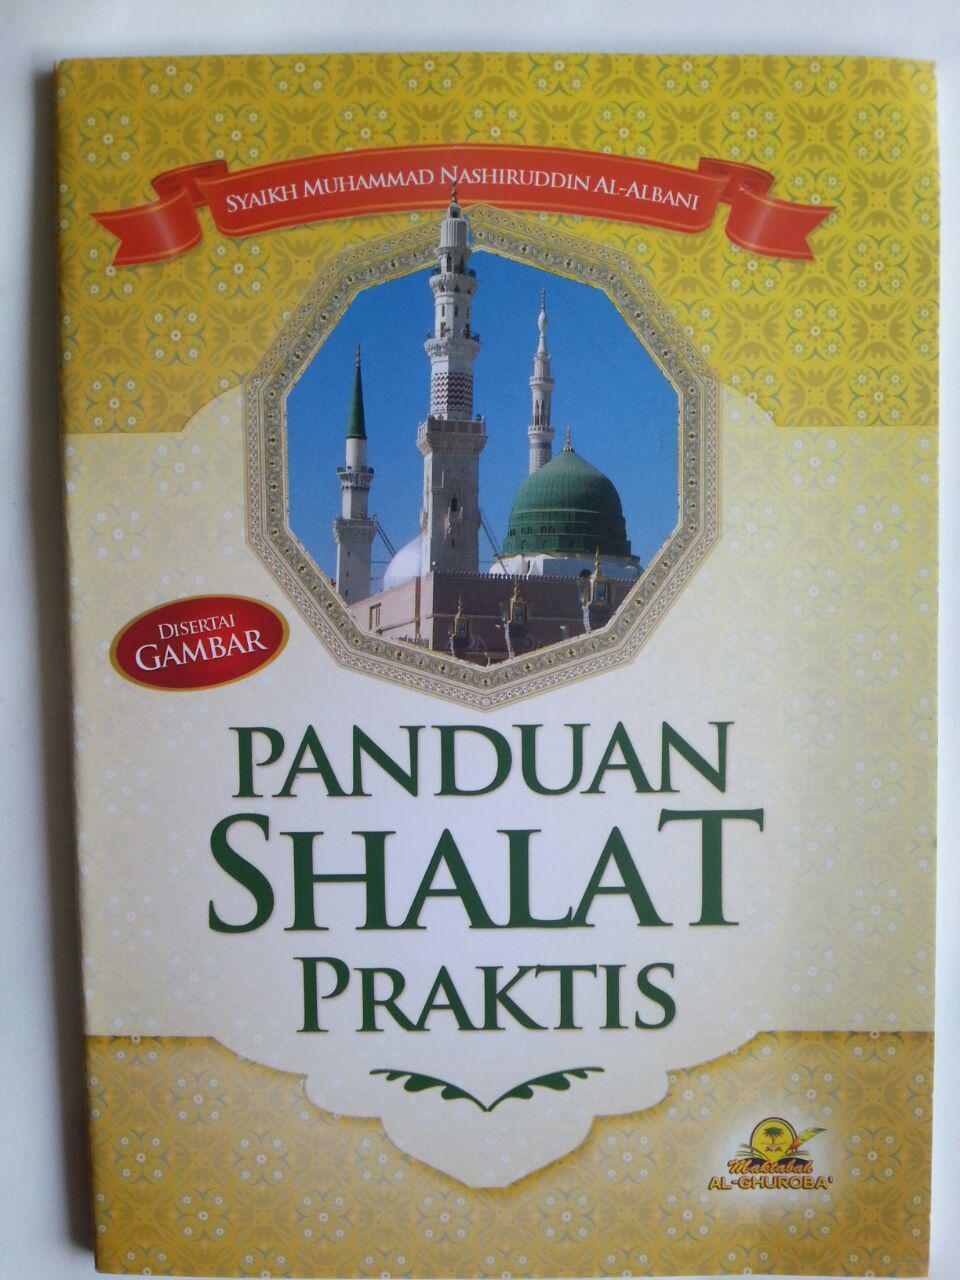 Buku Panduan Shalat Praktis Disertai Gambar Syaikh Albani cover 2